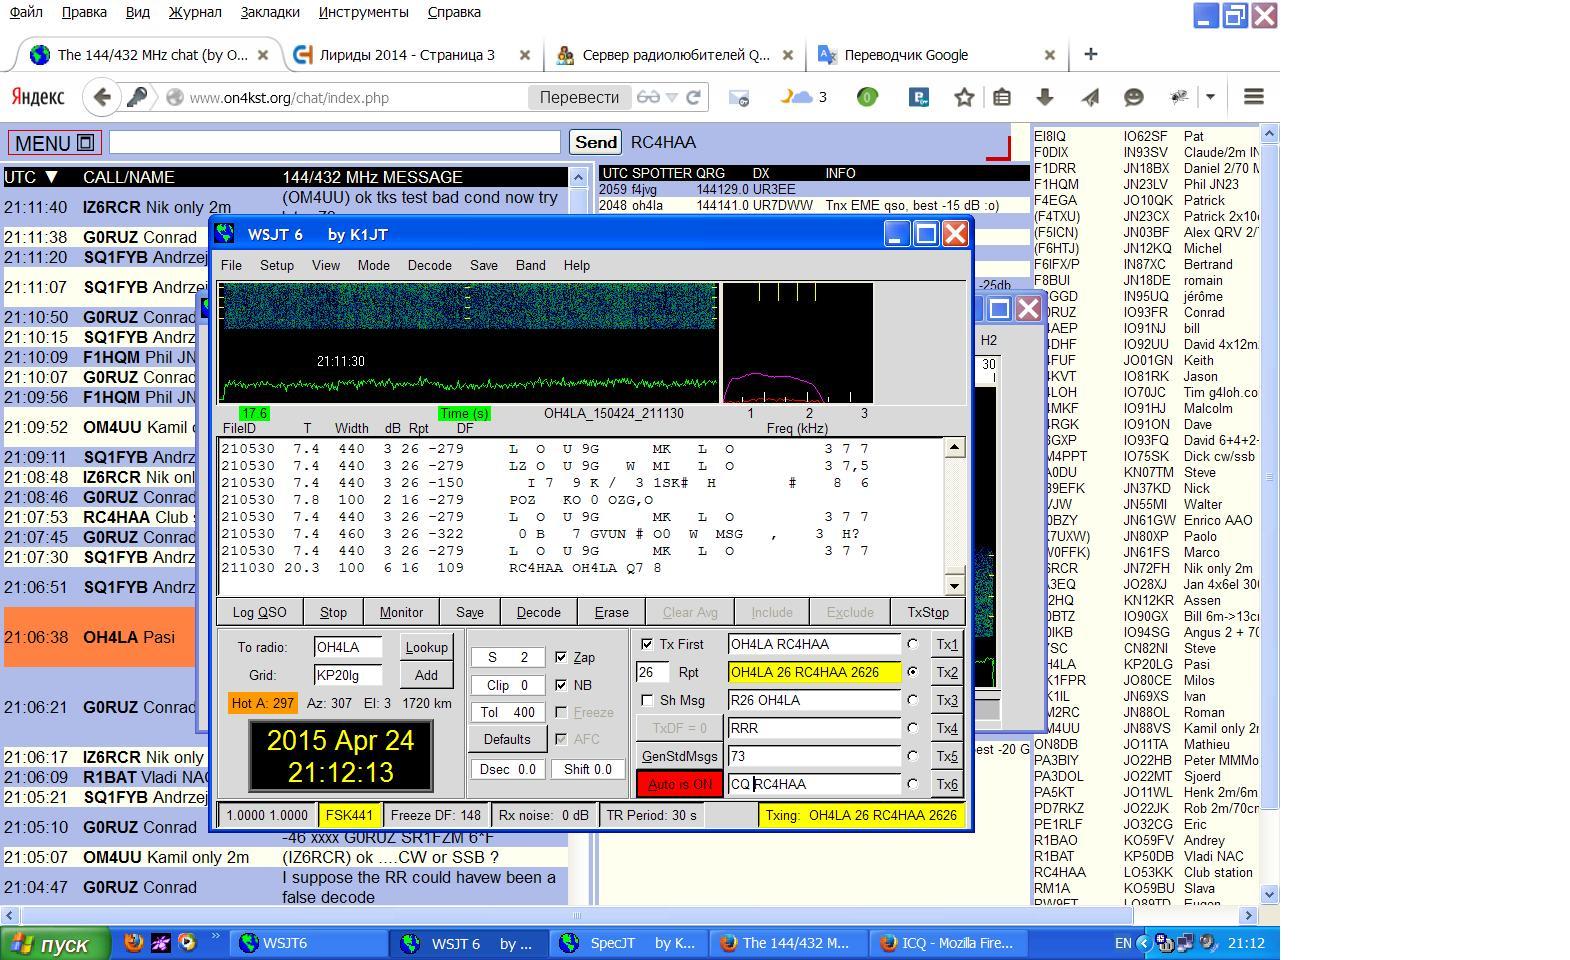 Программа WSJT в режиме FSK-441